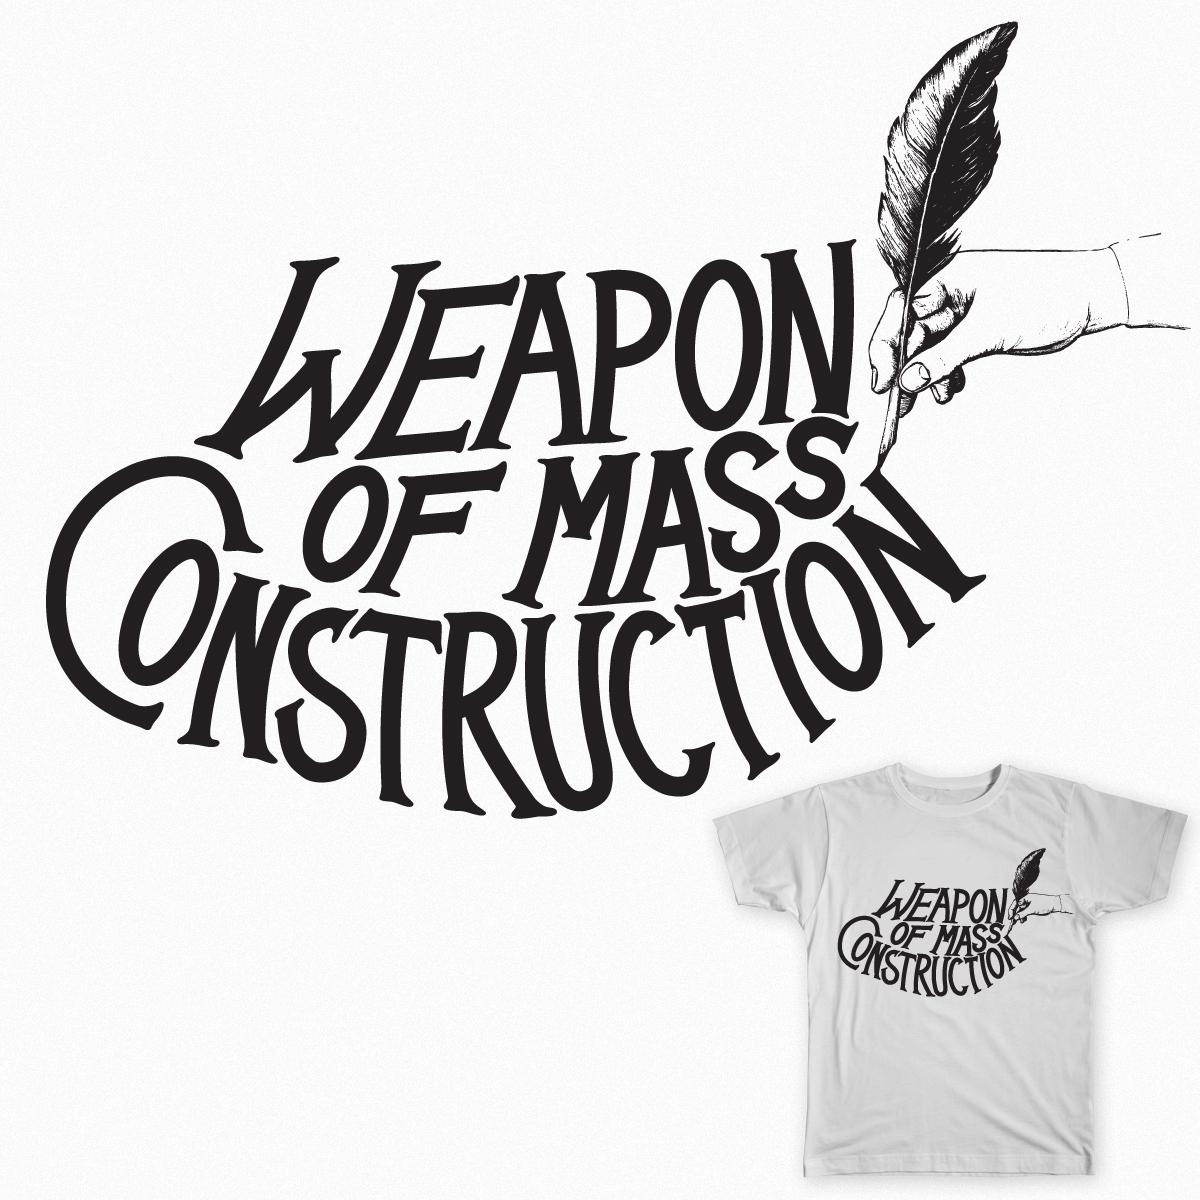 Weapon of Mass Construction by Gabriel Plotkin and JonProkopowitz on Threadless